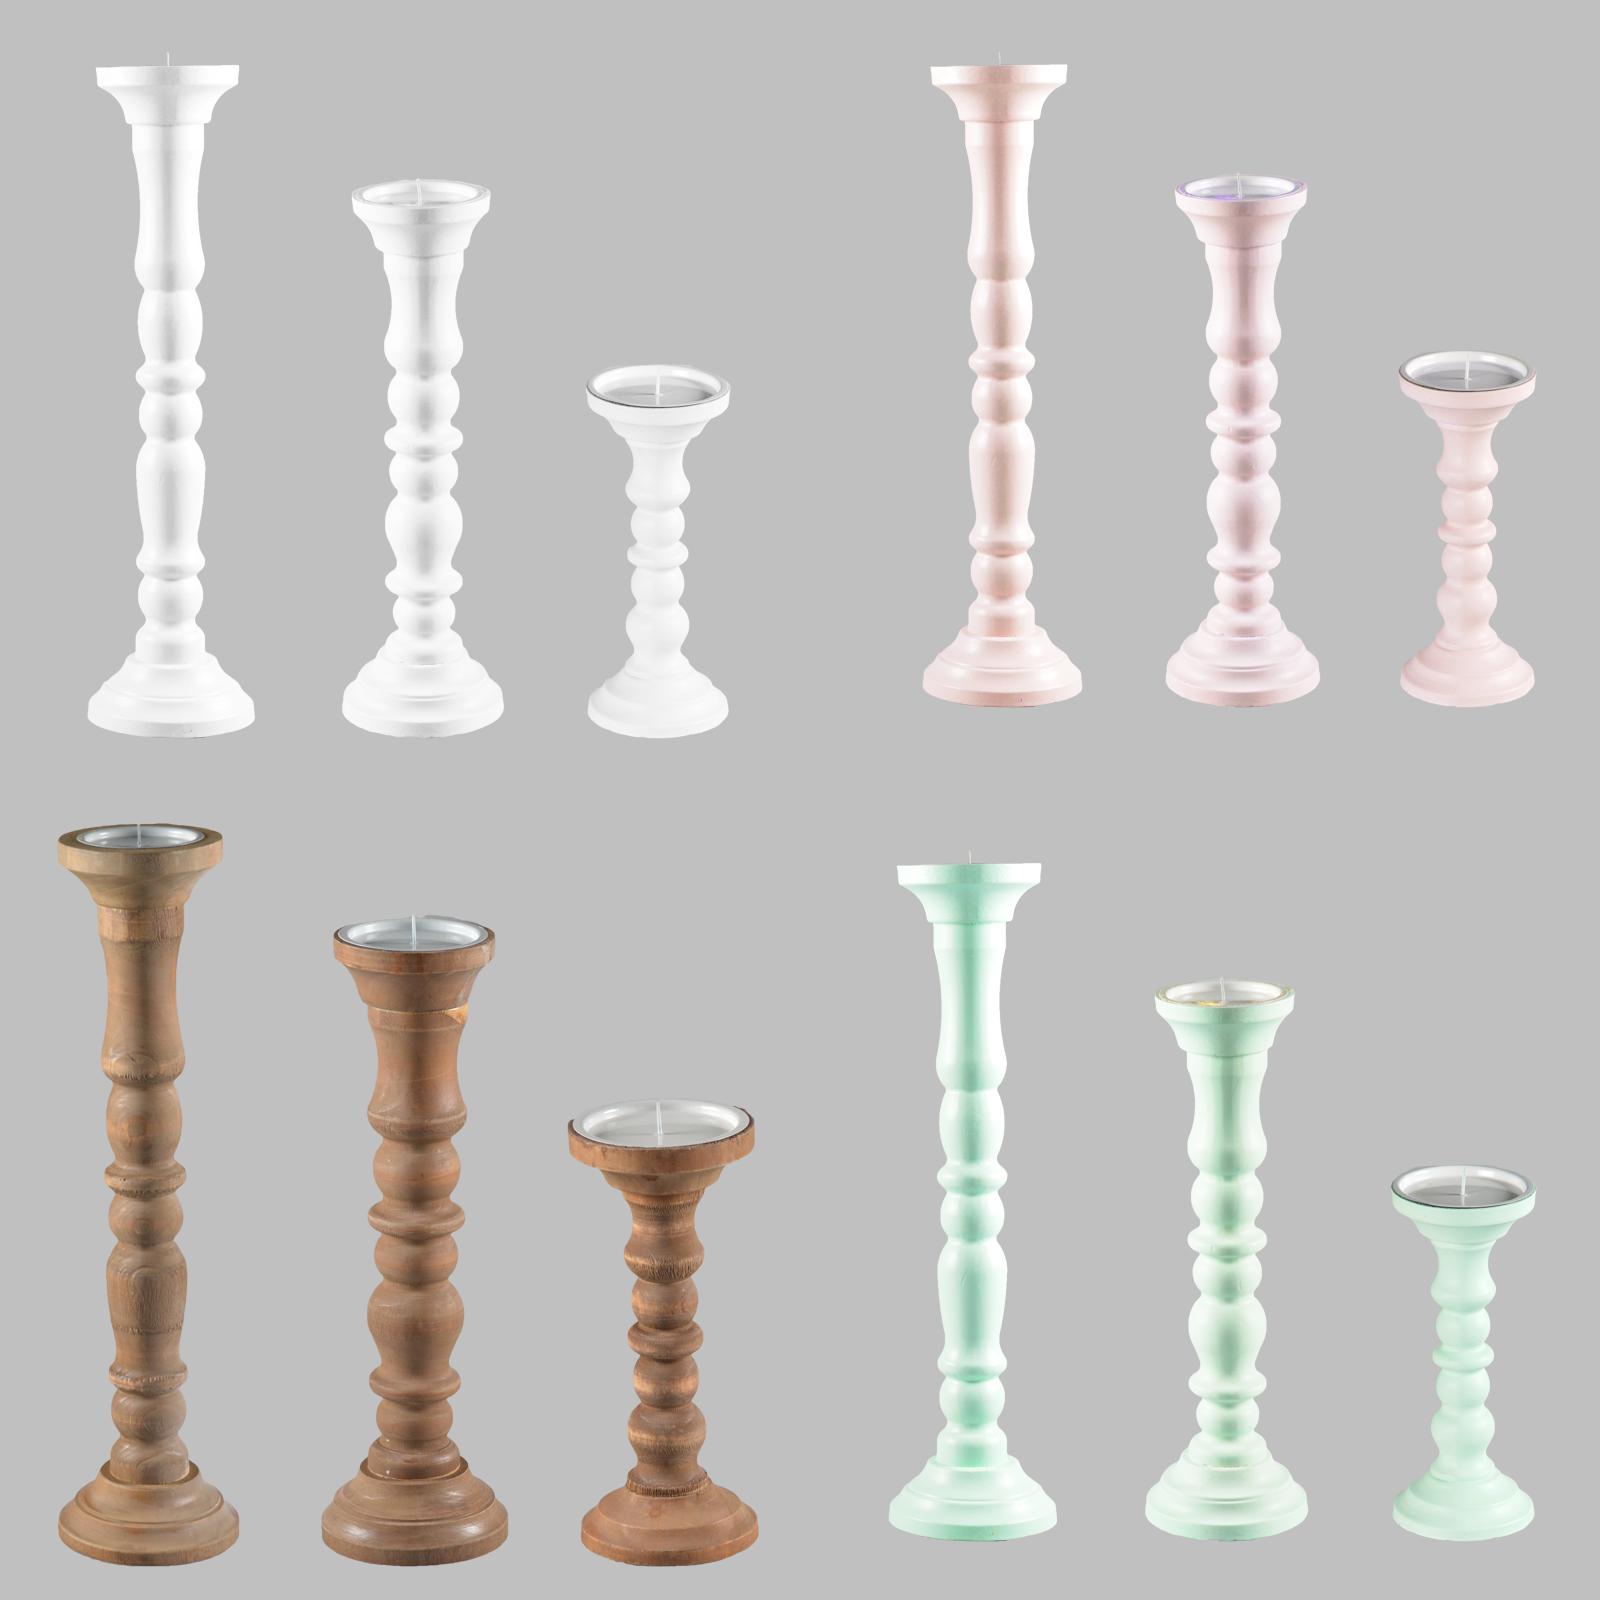 Kerzenständer Holz Shabby Chic ~ Vintage Kerzenhalter Kerzenständer Stumpenkerze 4 verschiedene Farben